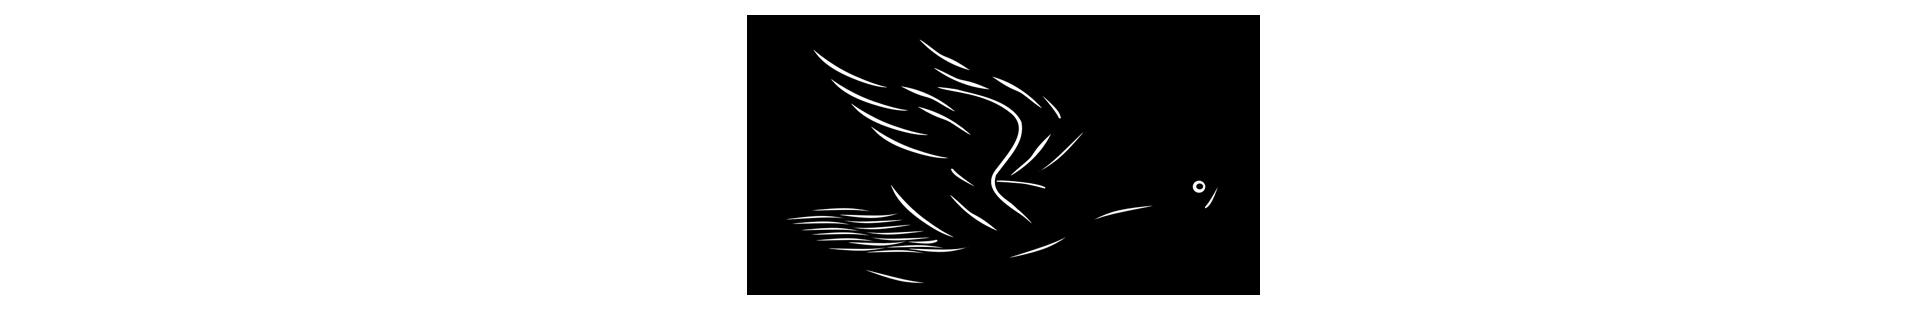 repülő kacsa